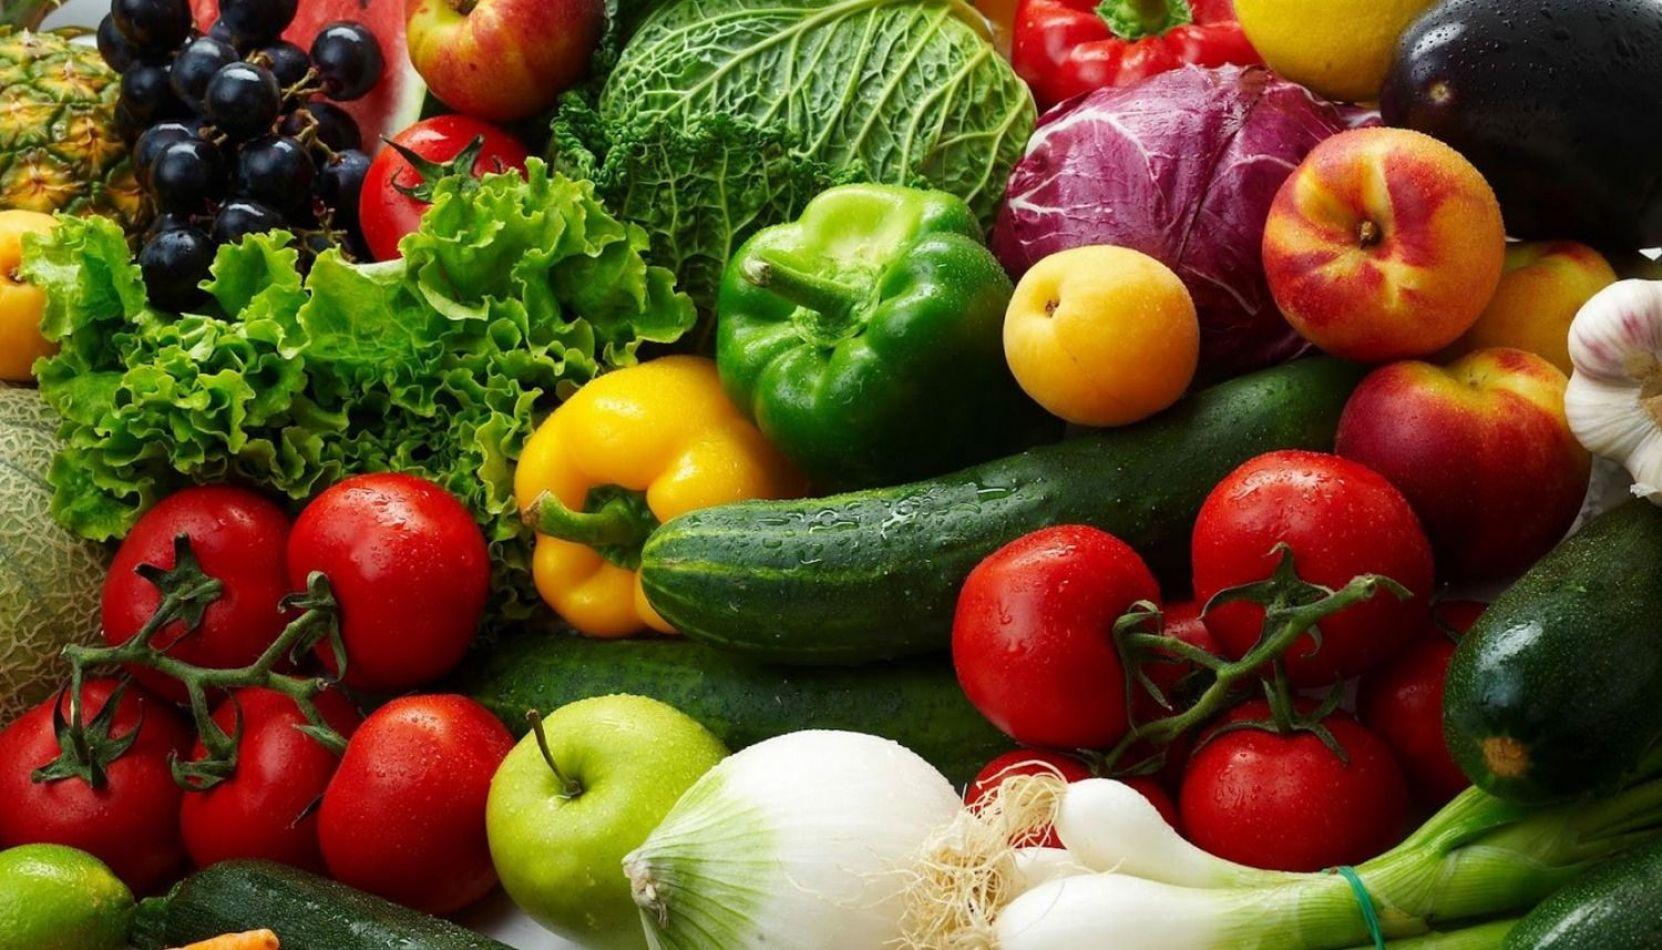 Las verduras y frutas se pagan 14 veces más caras en la góndola que en su precio de origen